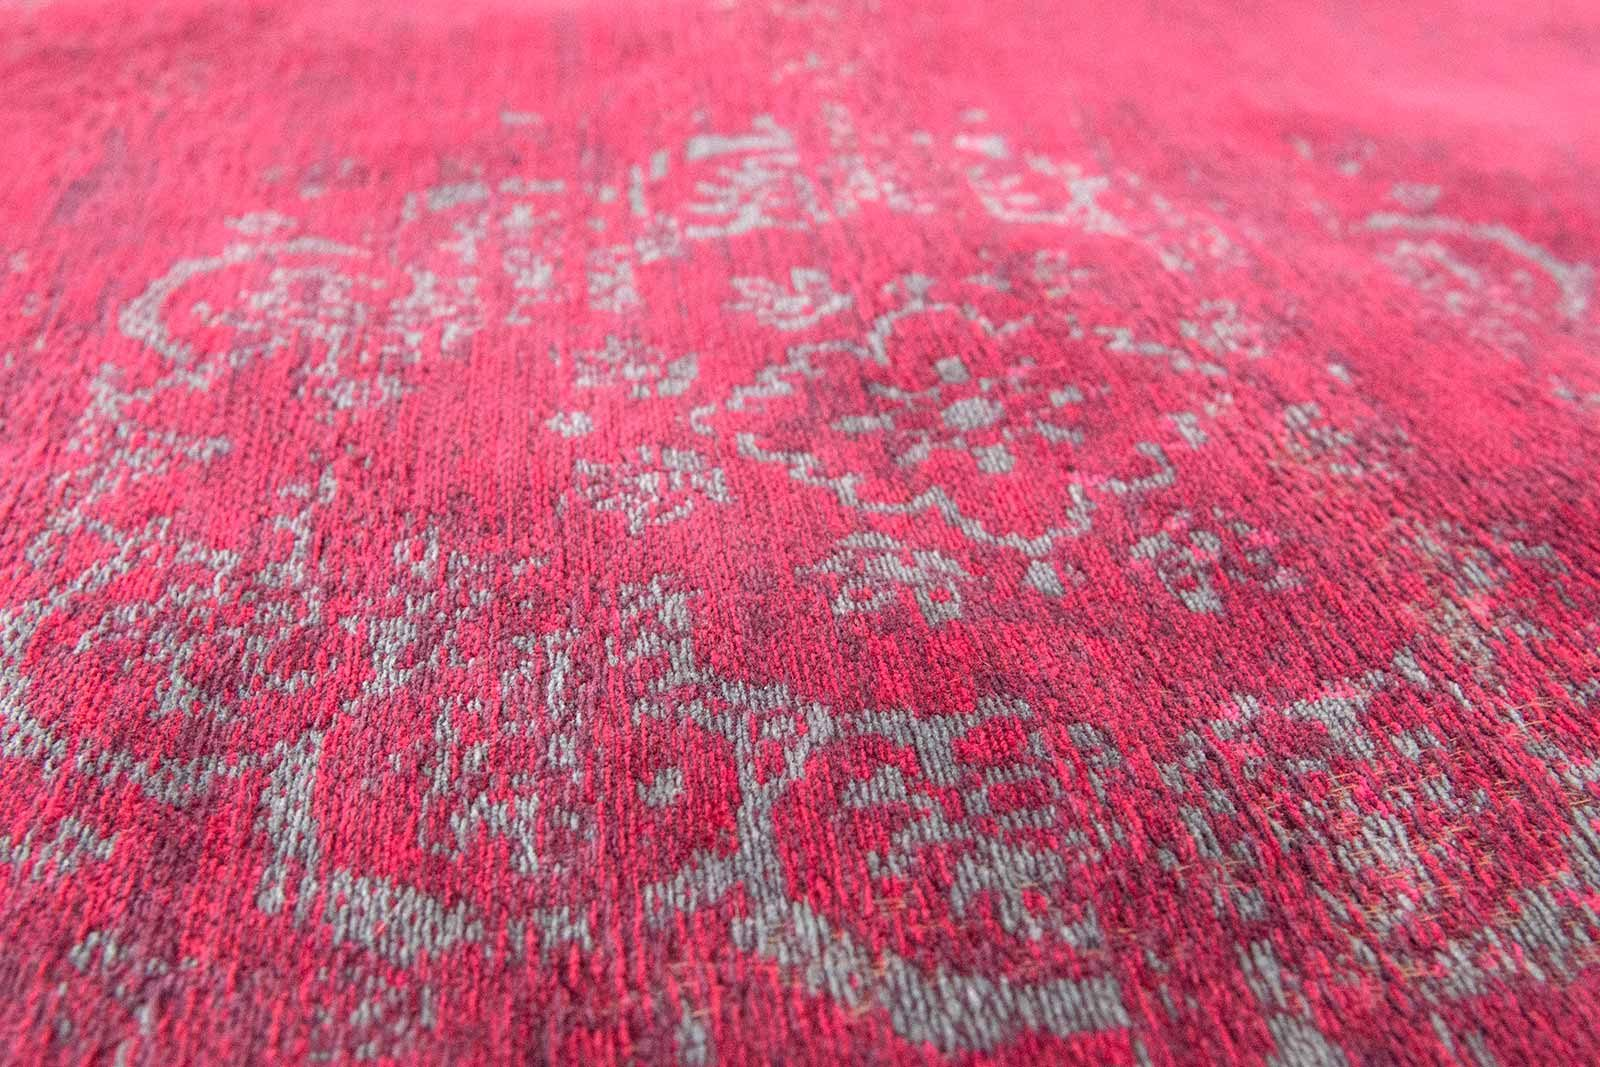 vloerkleed Louis De Poortere LX8260 Fading World Medaillon Scarlet zoom